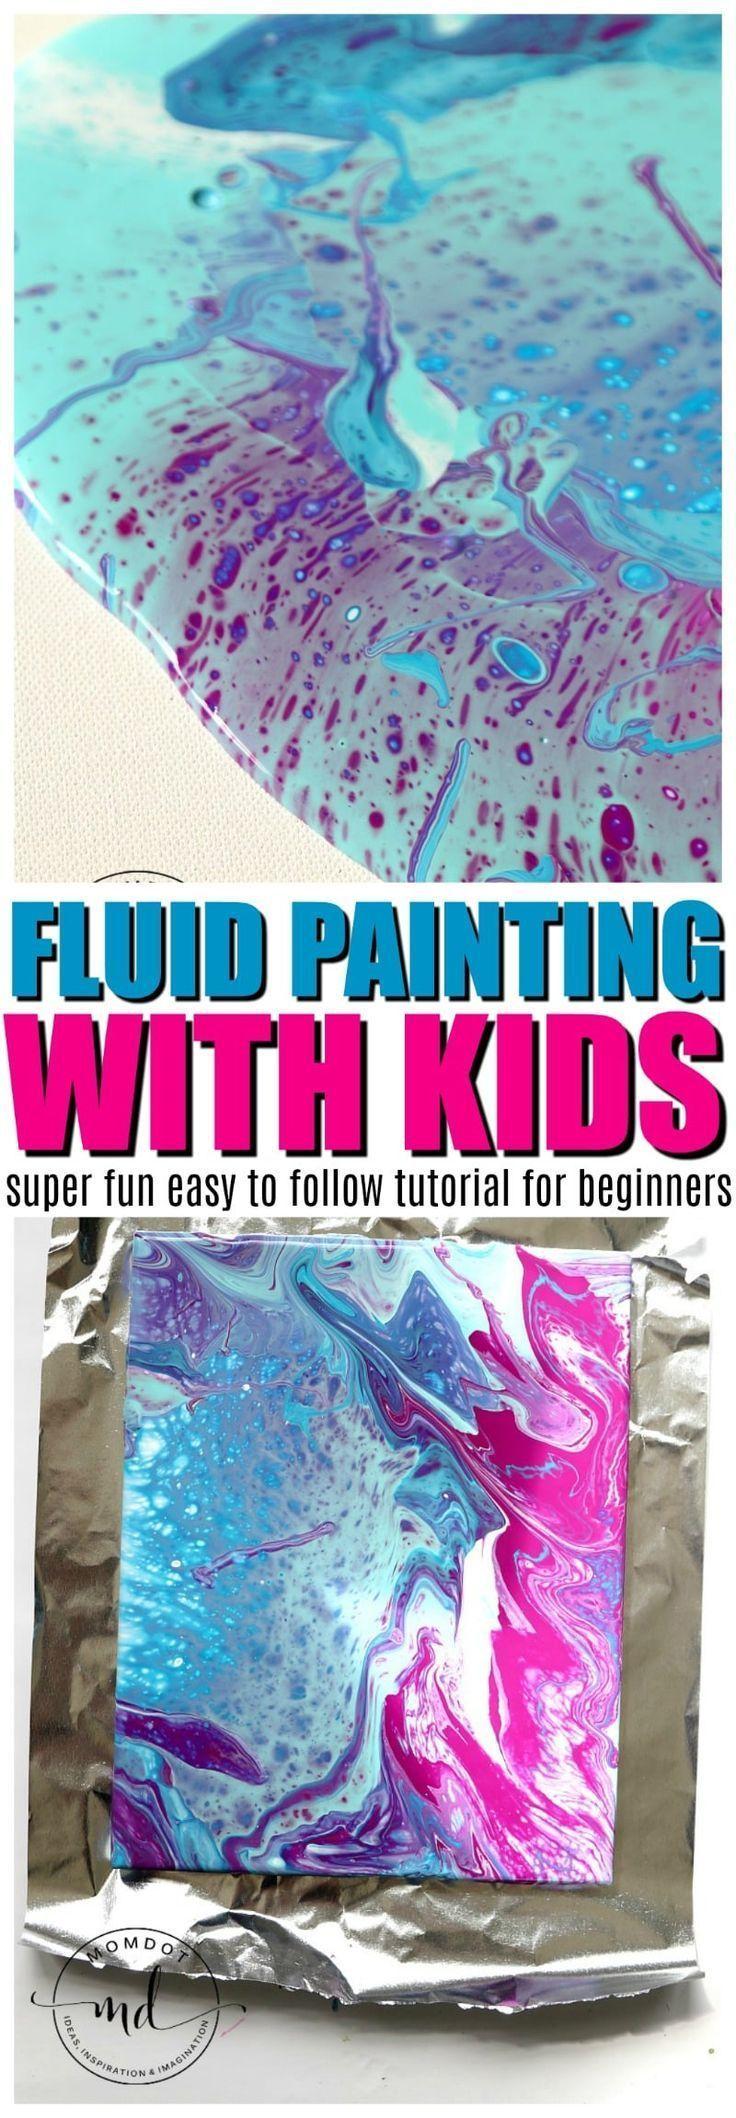 How to fluid paint with kids crafty diy pinterest - Maltechniken kindergarten ...